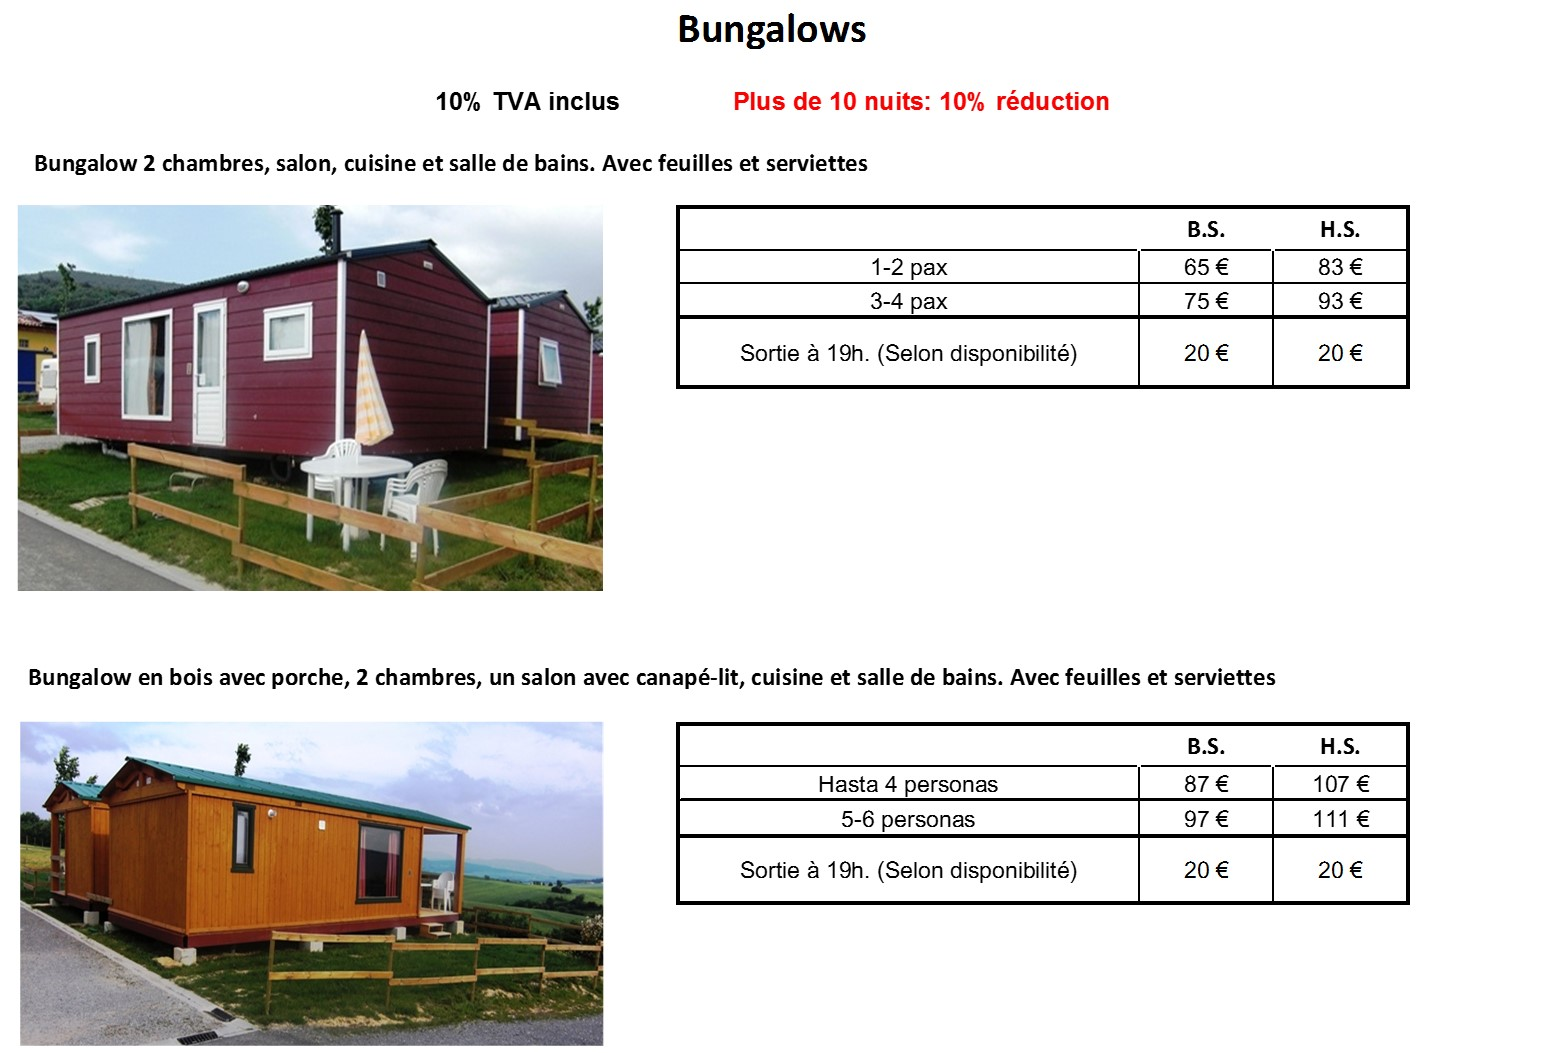 tarifas-bungalows-frances-2017